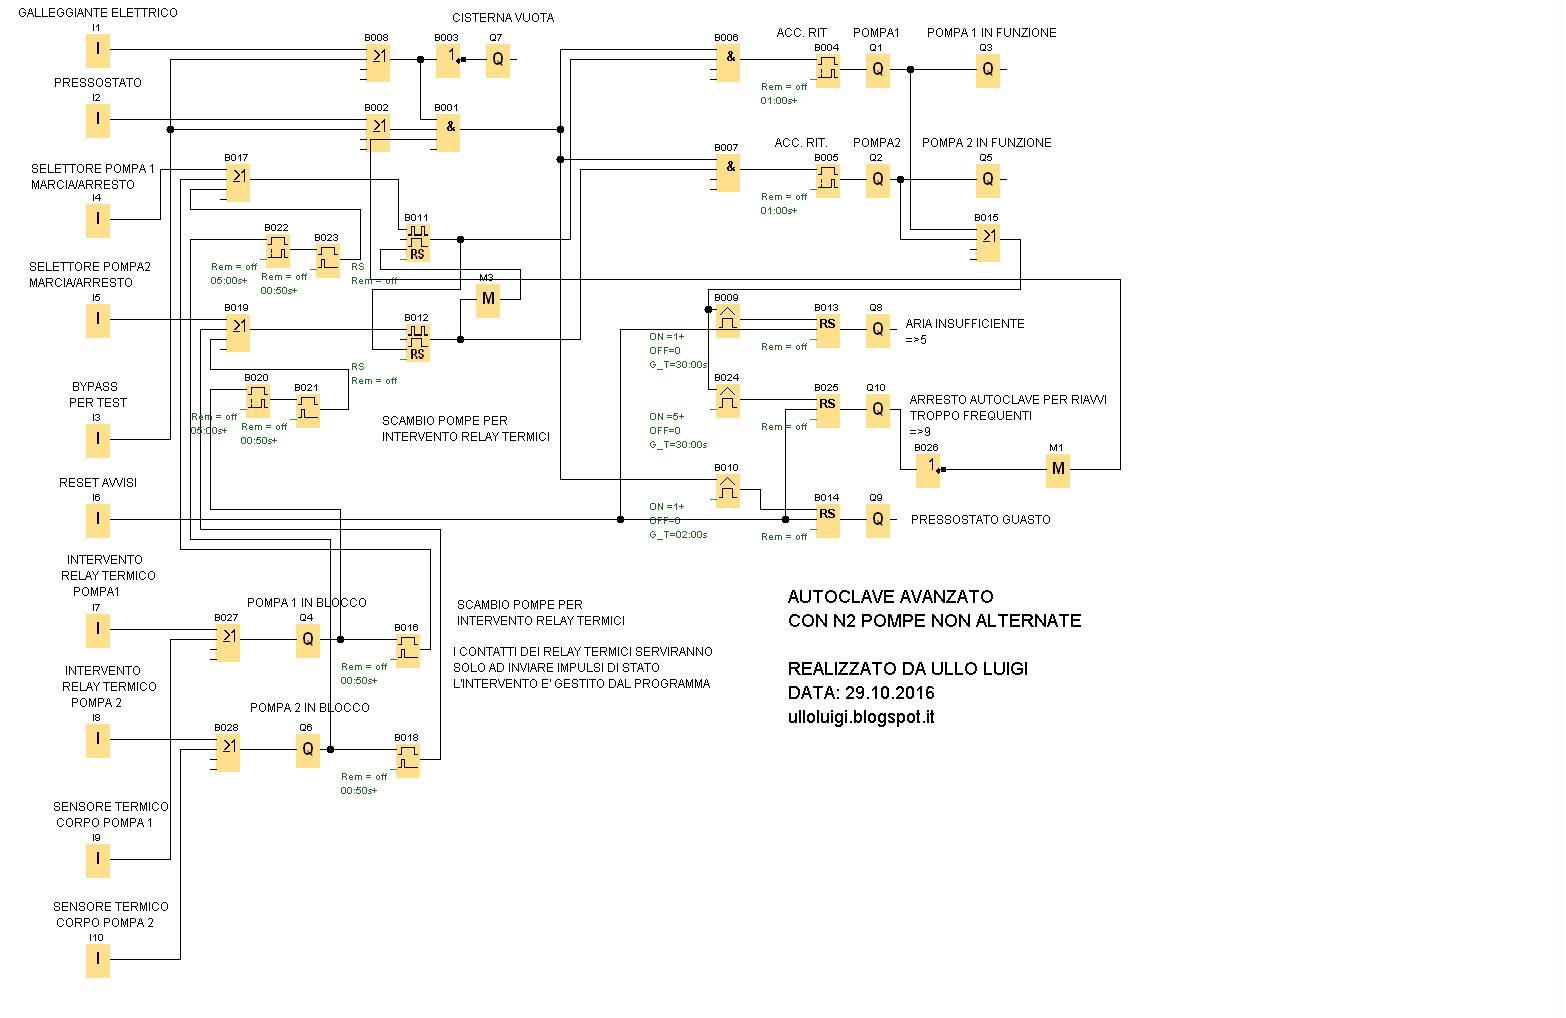 Elettroschemi Di Ullo Luigi Autoclave Avanzato Con N2 Elettropompe